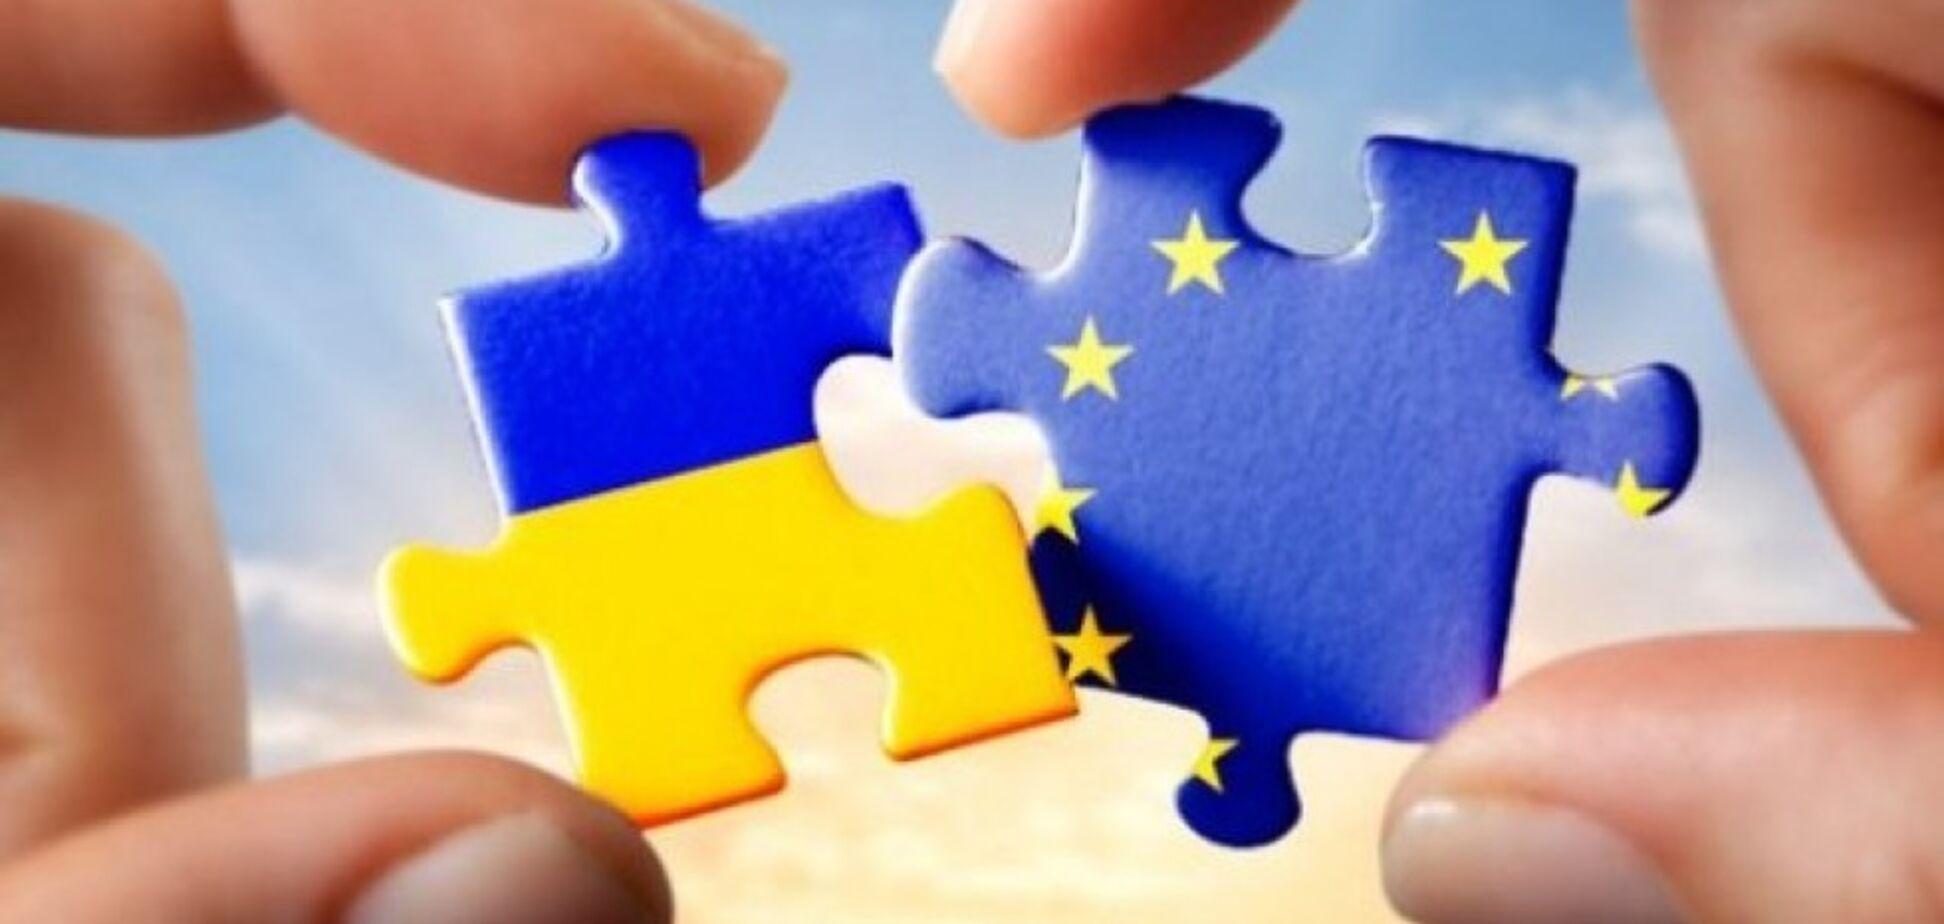 Захід радикально змінив ставлення до України, є одна причина — експерт